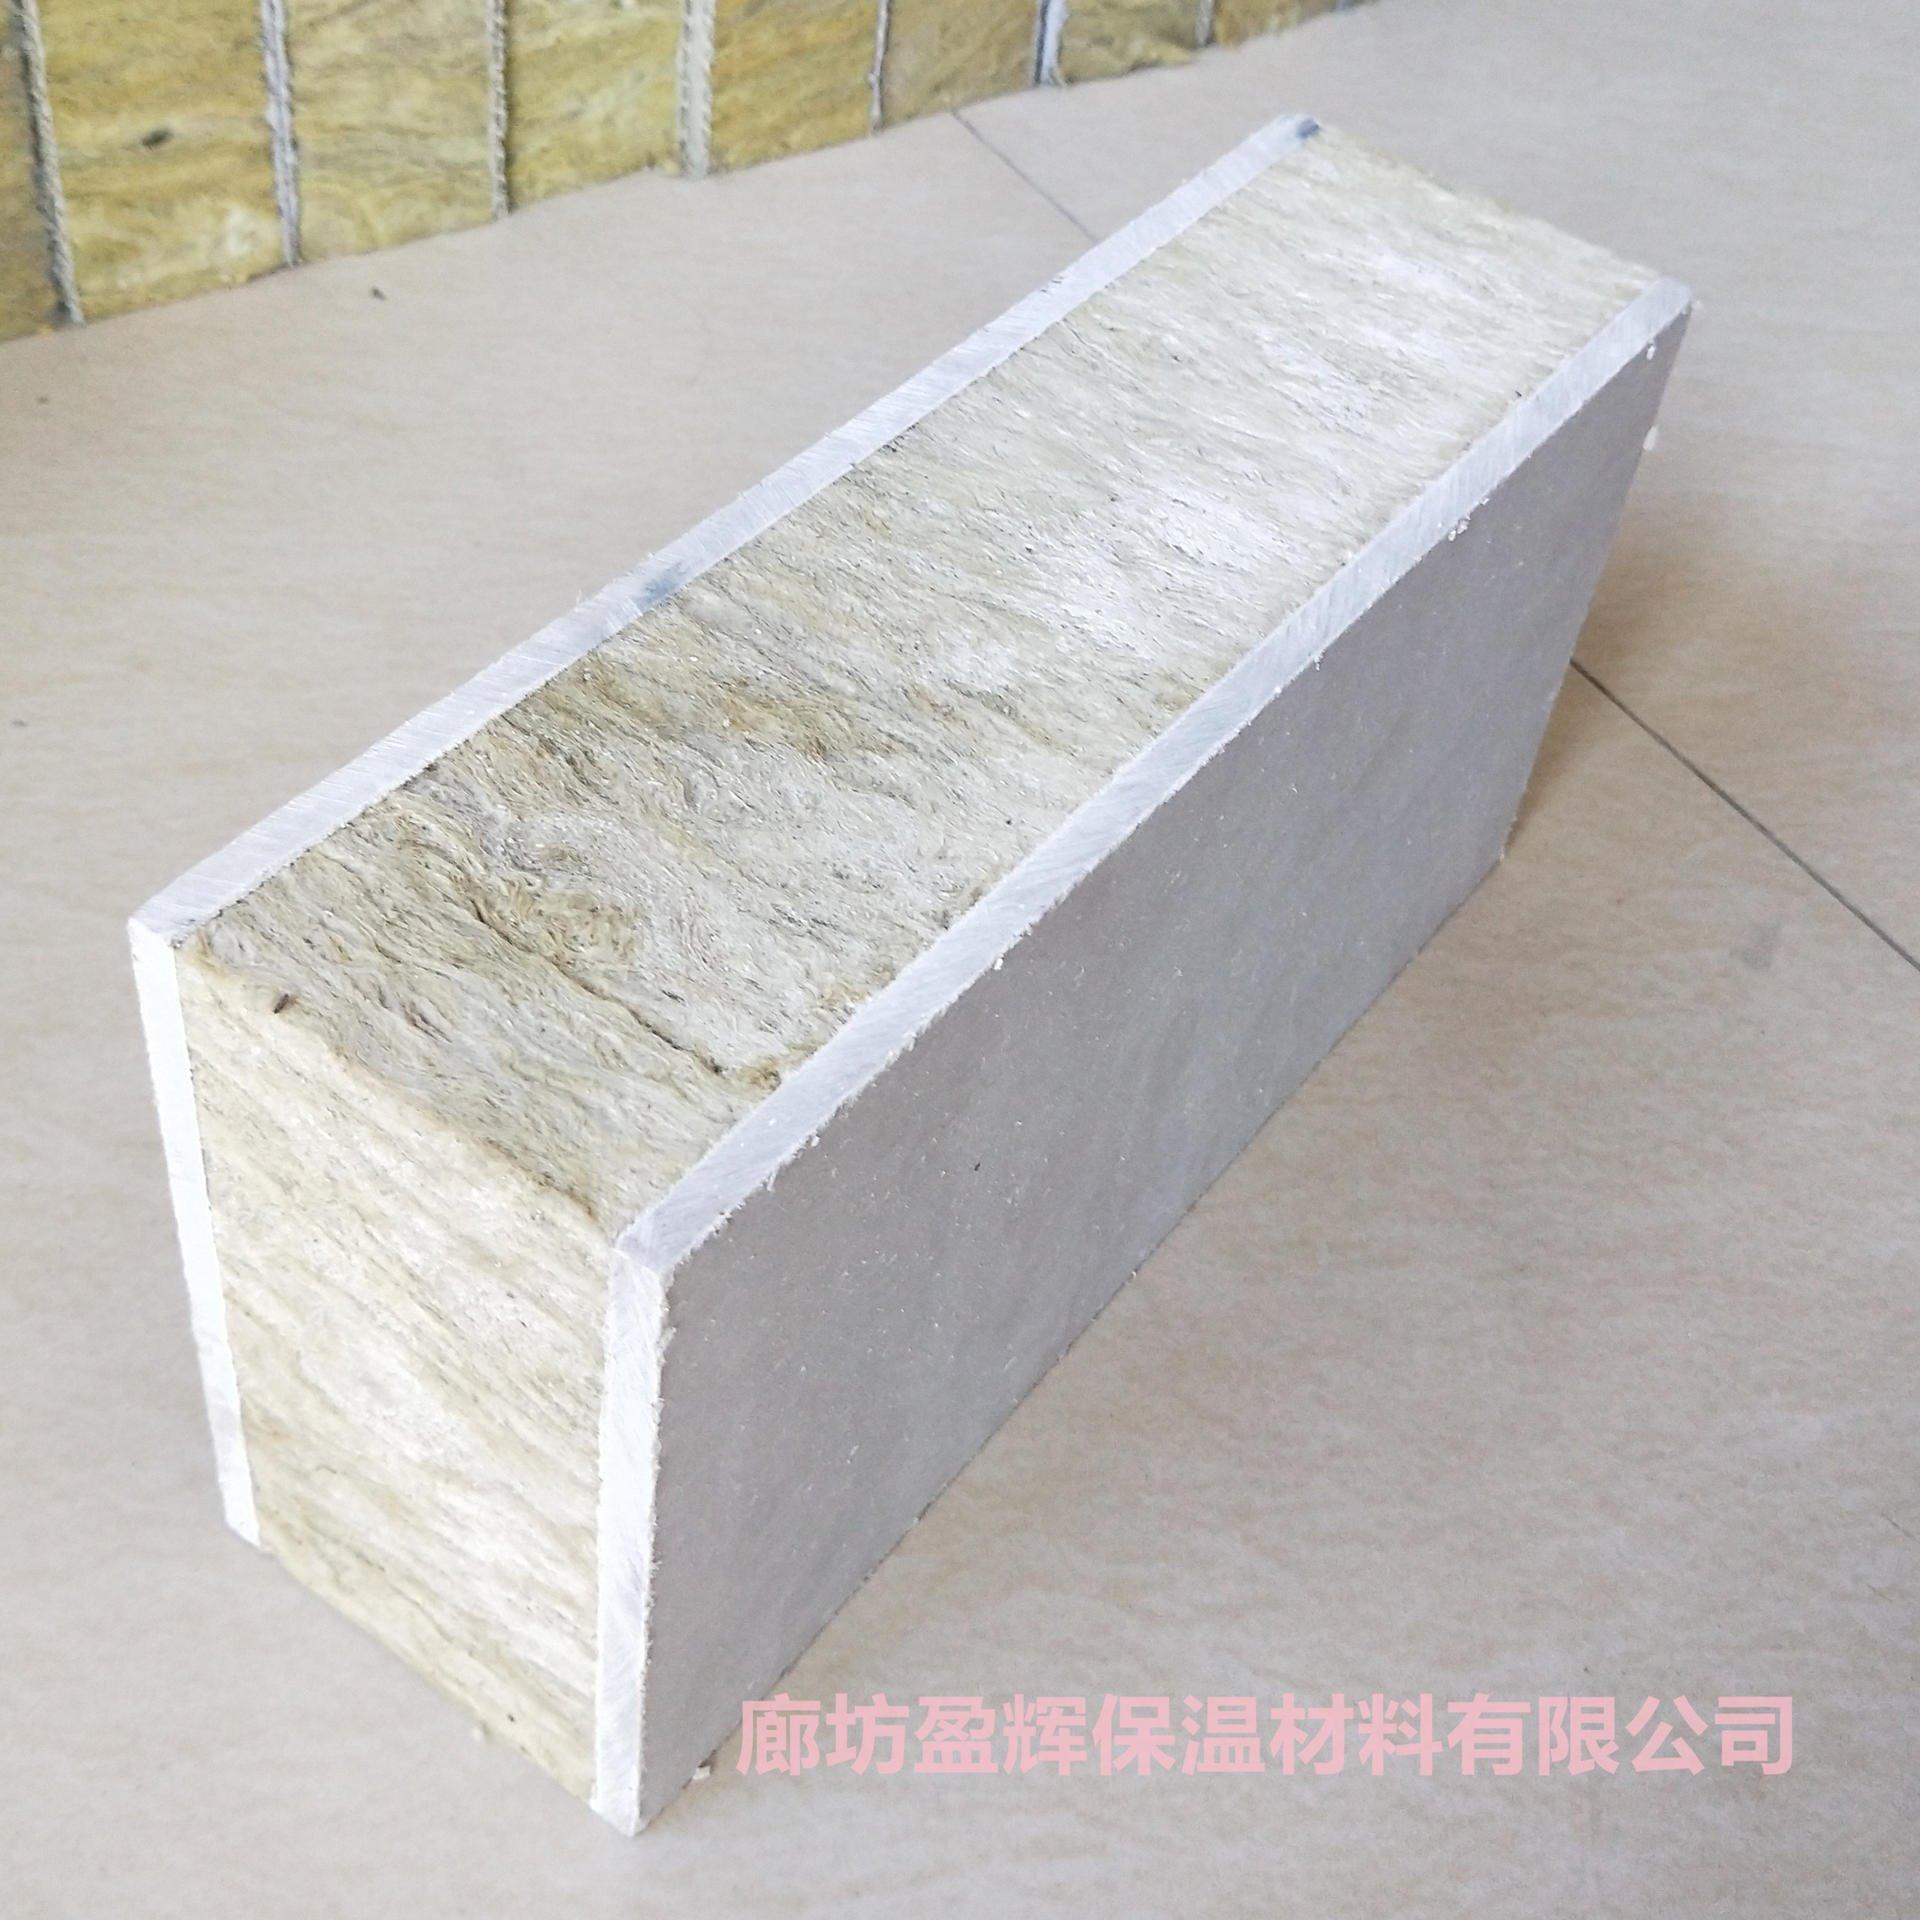 盈輝外墻保溫一體板生產廠家  A級防火防潮硅酸鈣巖棉復合板定制